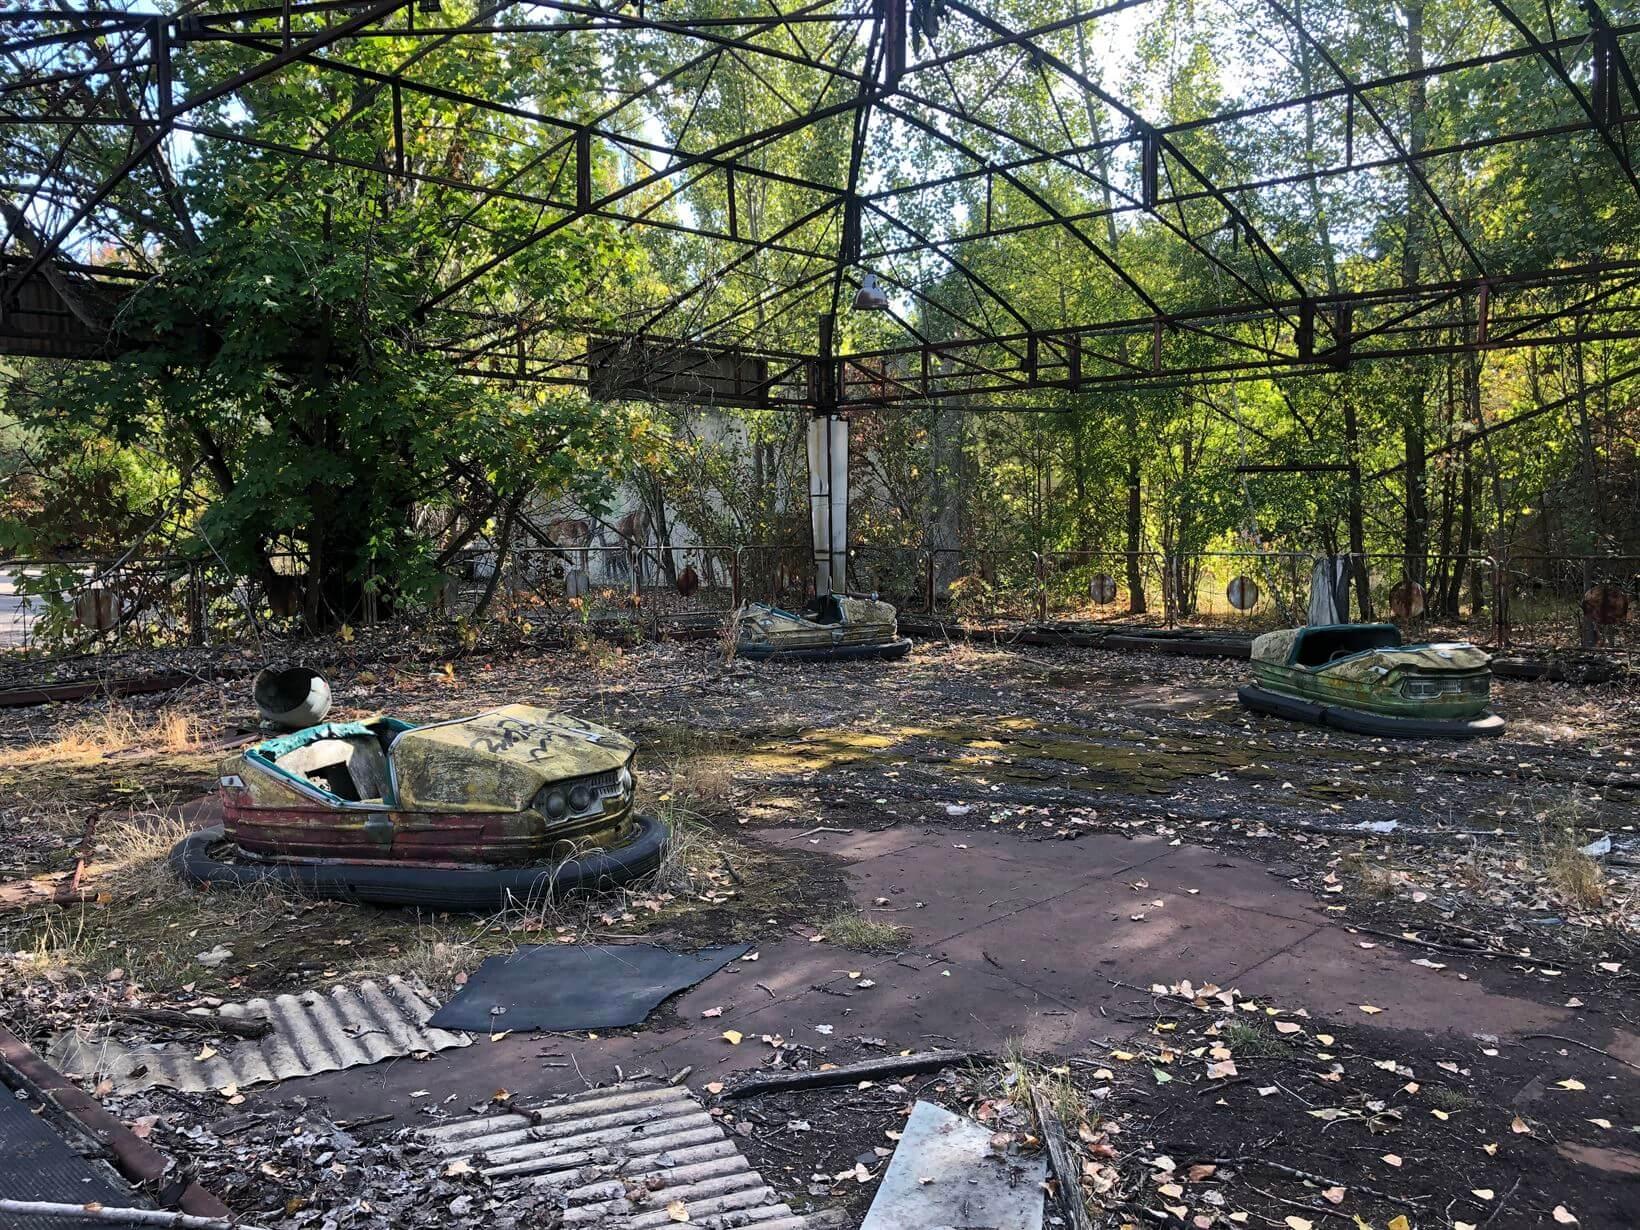 Parque de diversões abandonado em Chernobyl